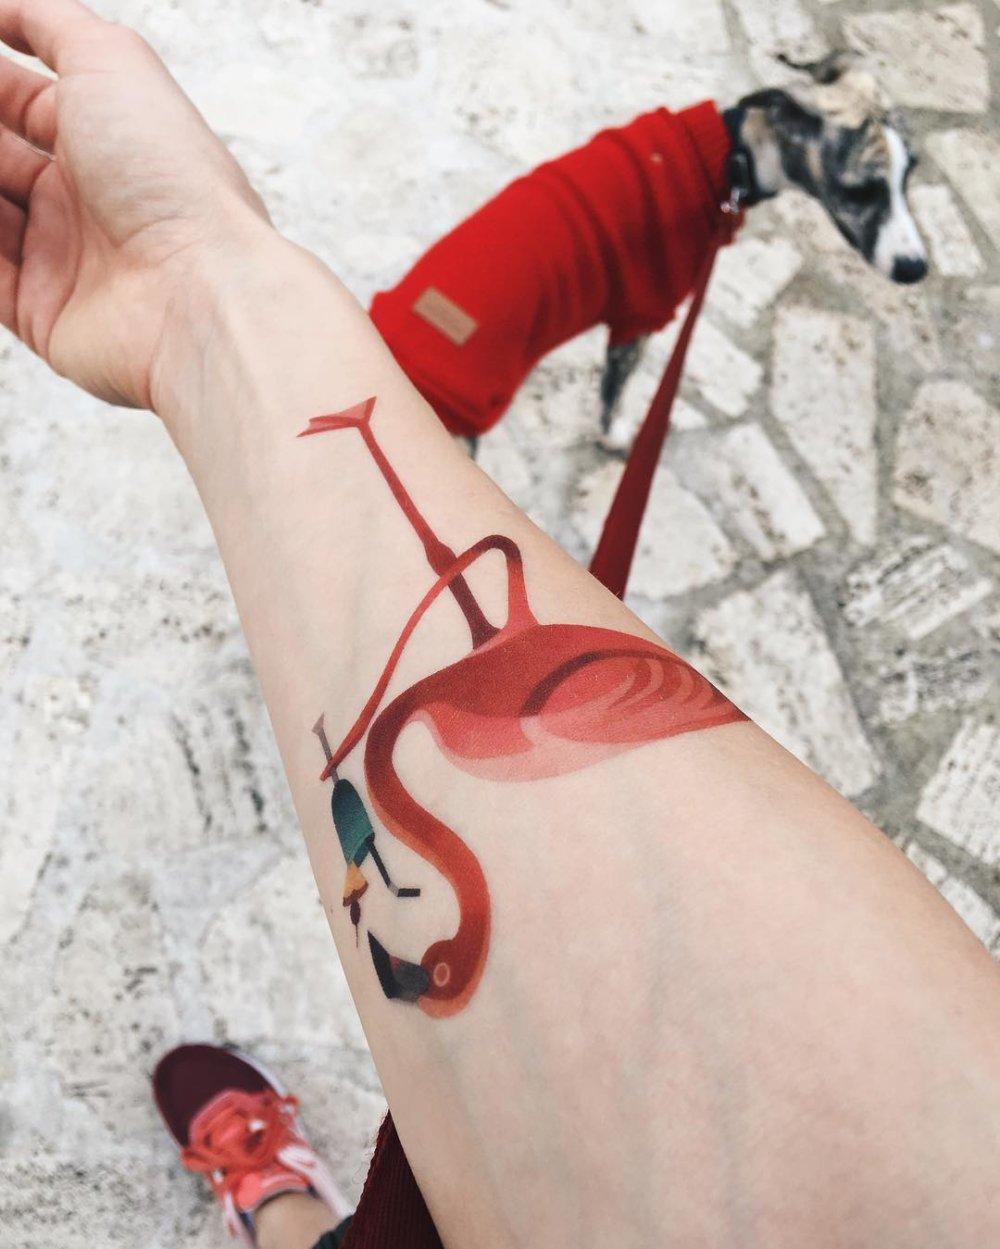 Gorgeous Illustrative Tattoos By Sasha Unisex 10